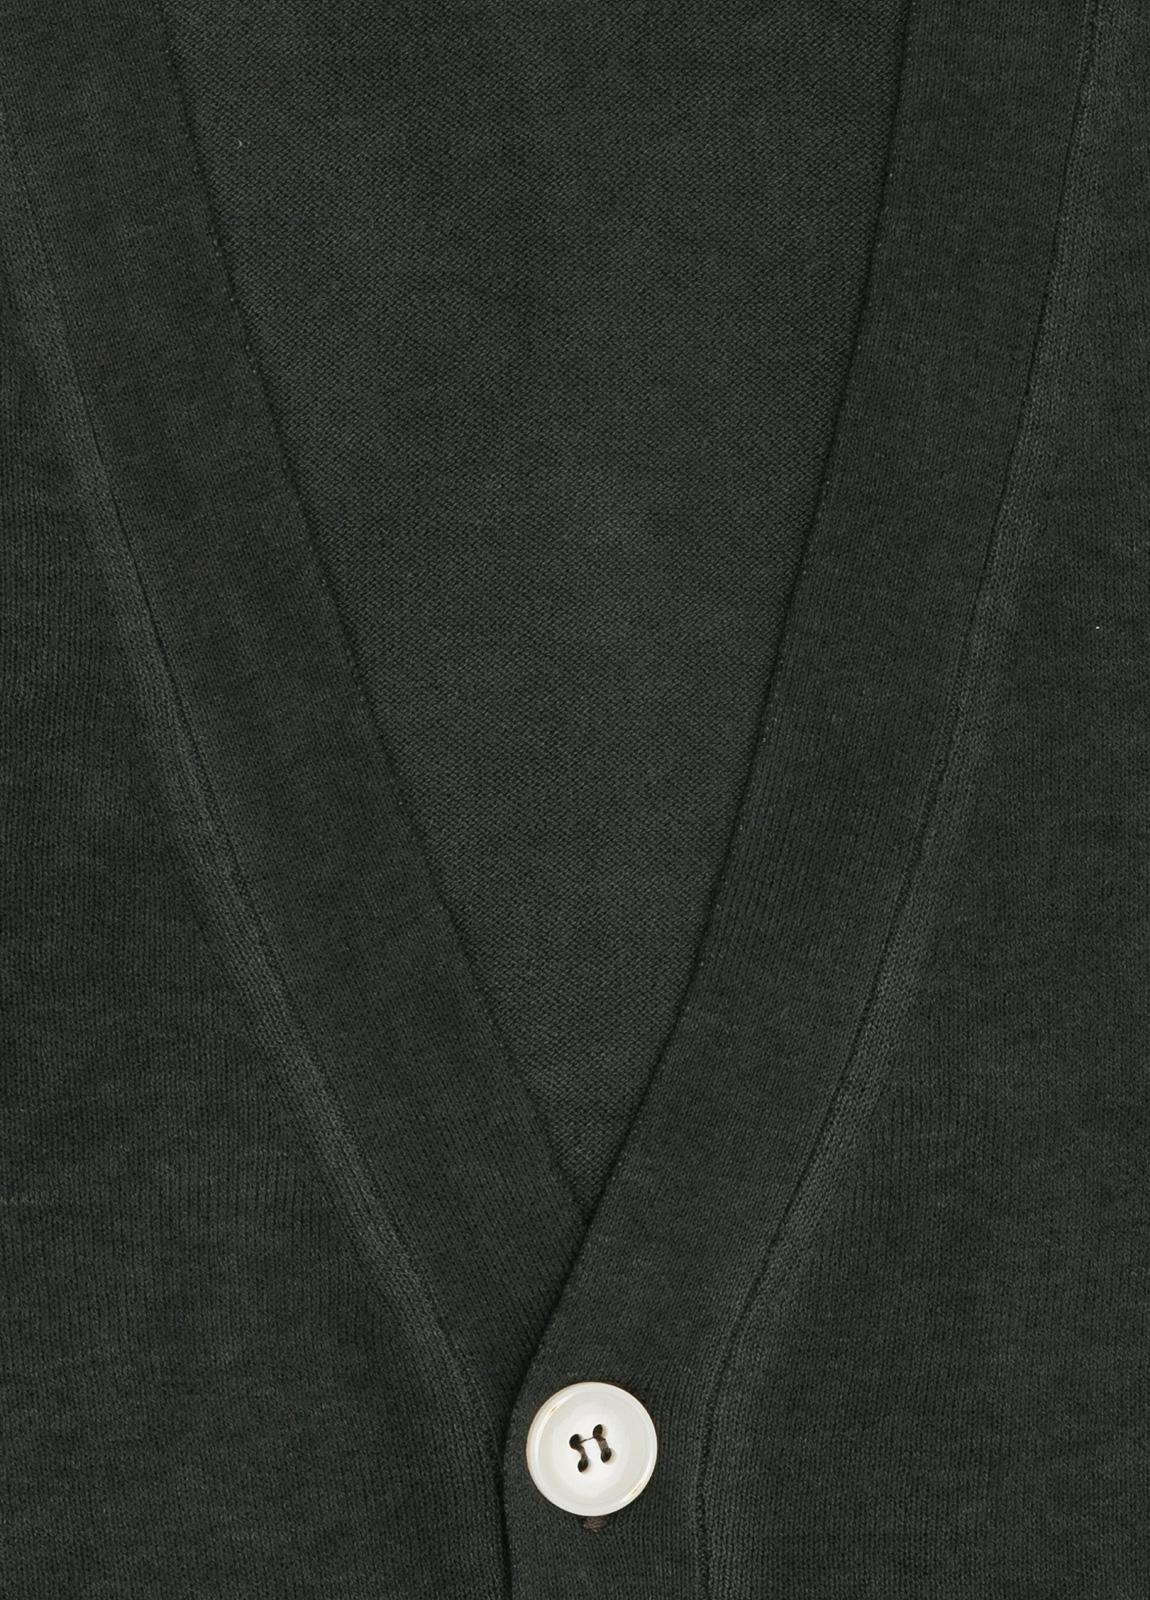 Cardigan con botones color antracita, 100% Algodón. - Ítem1